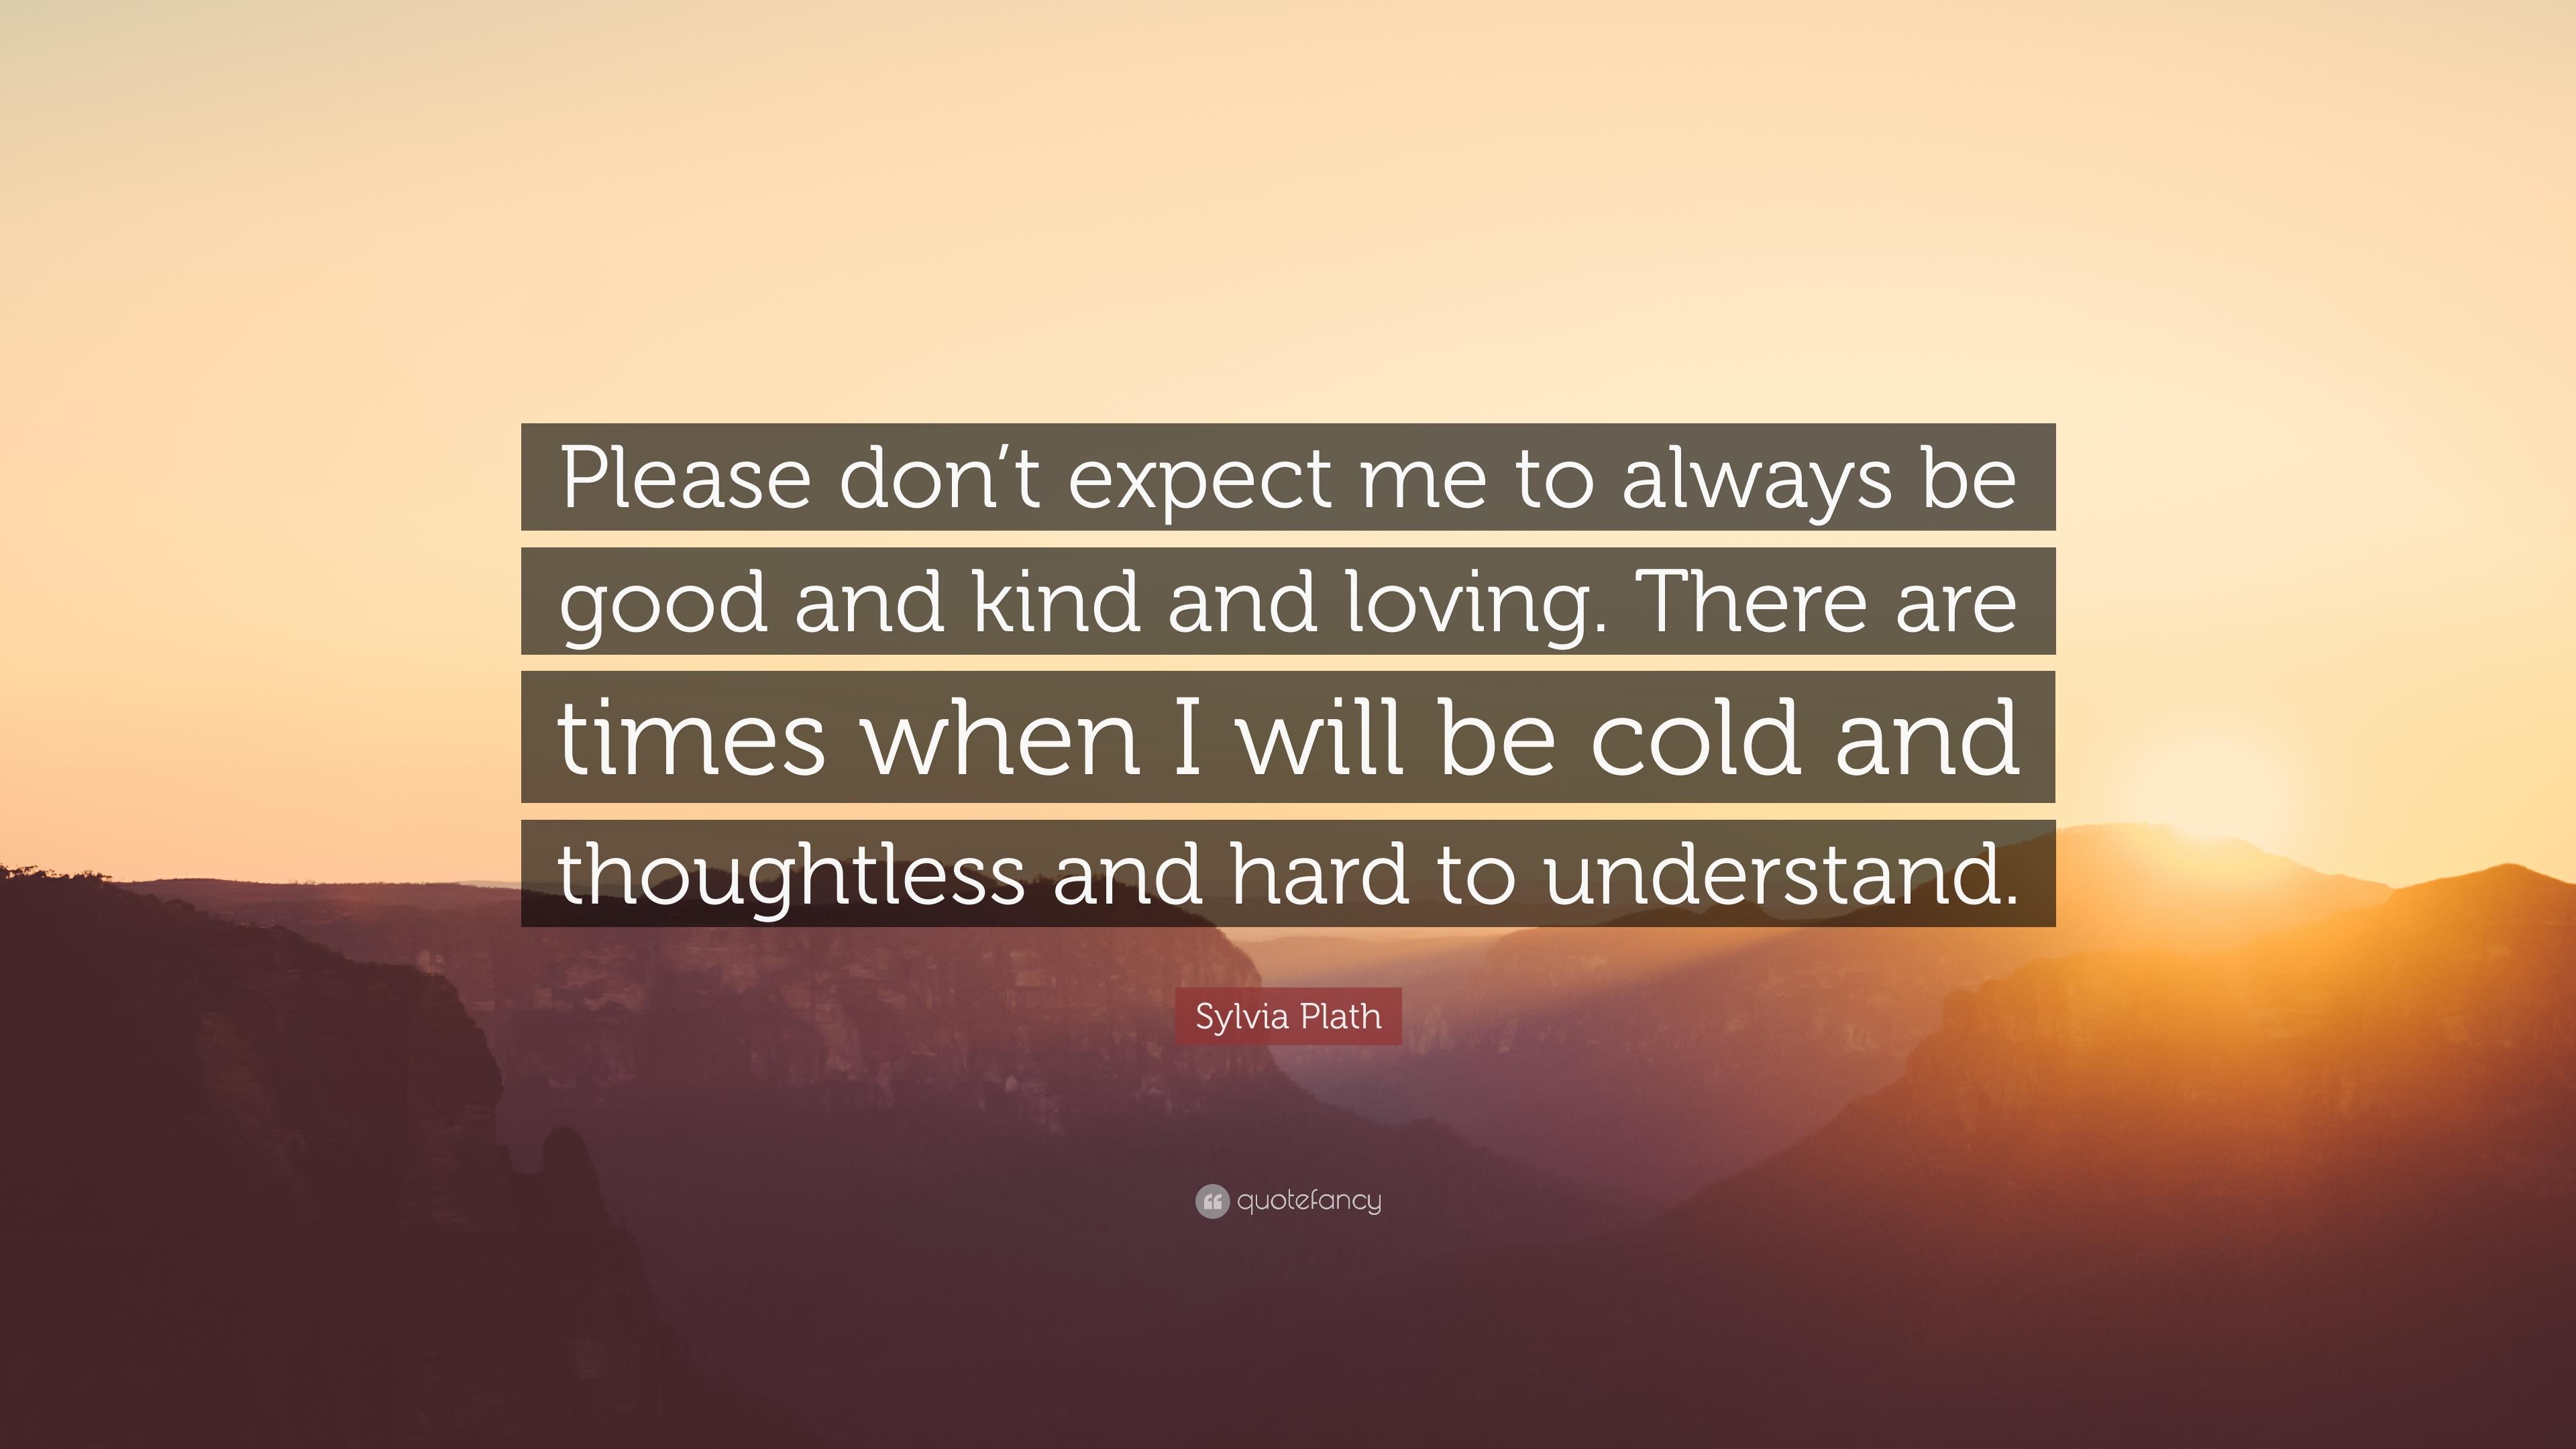 لطفا از من از انتظار نداشته باشید همیشه خوب و مهربون و دوست داشتنی باشم! یه وقت هایی هم هست که من سردم و درک کردنم یکم مشکله